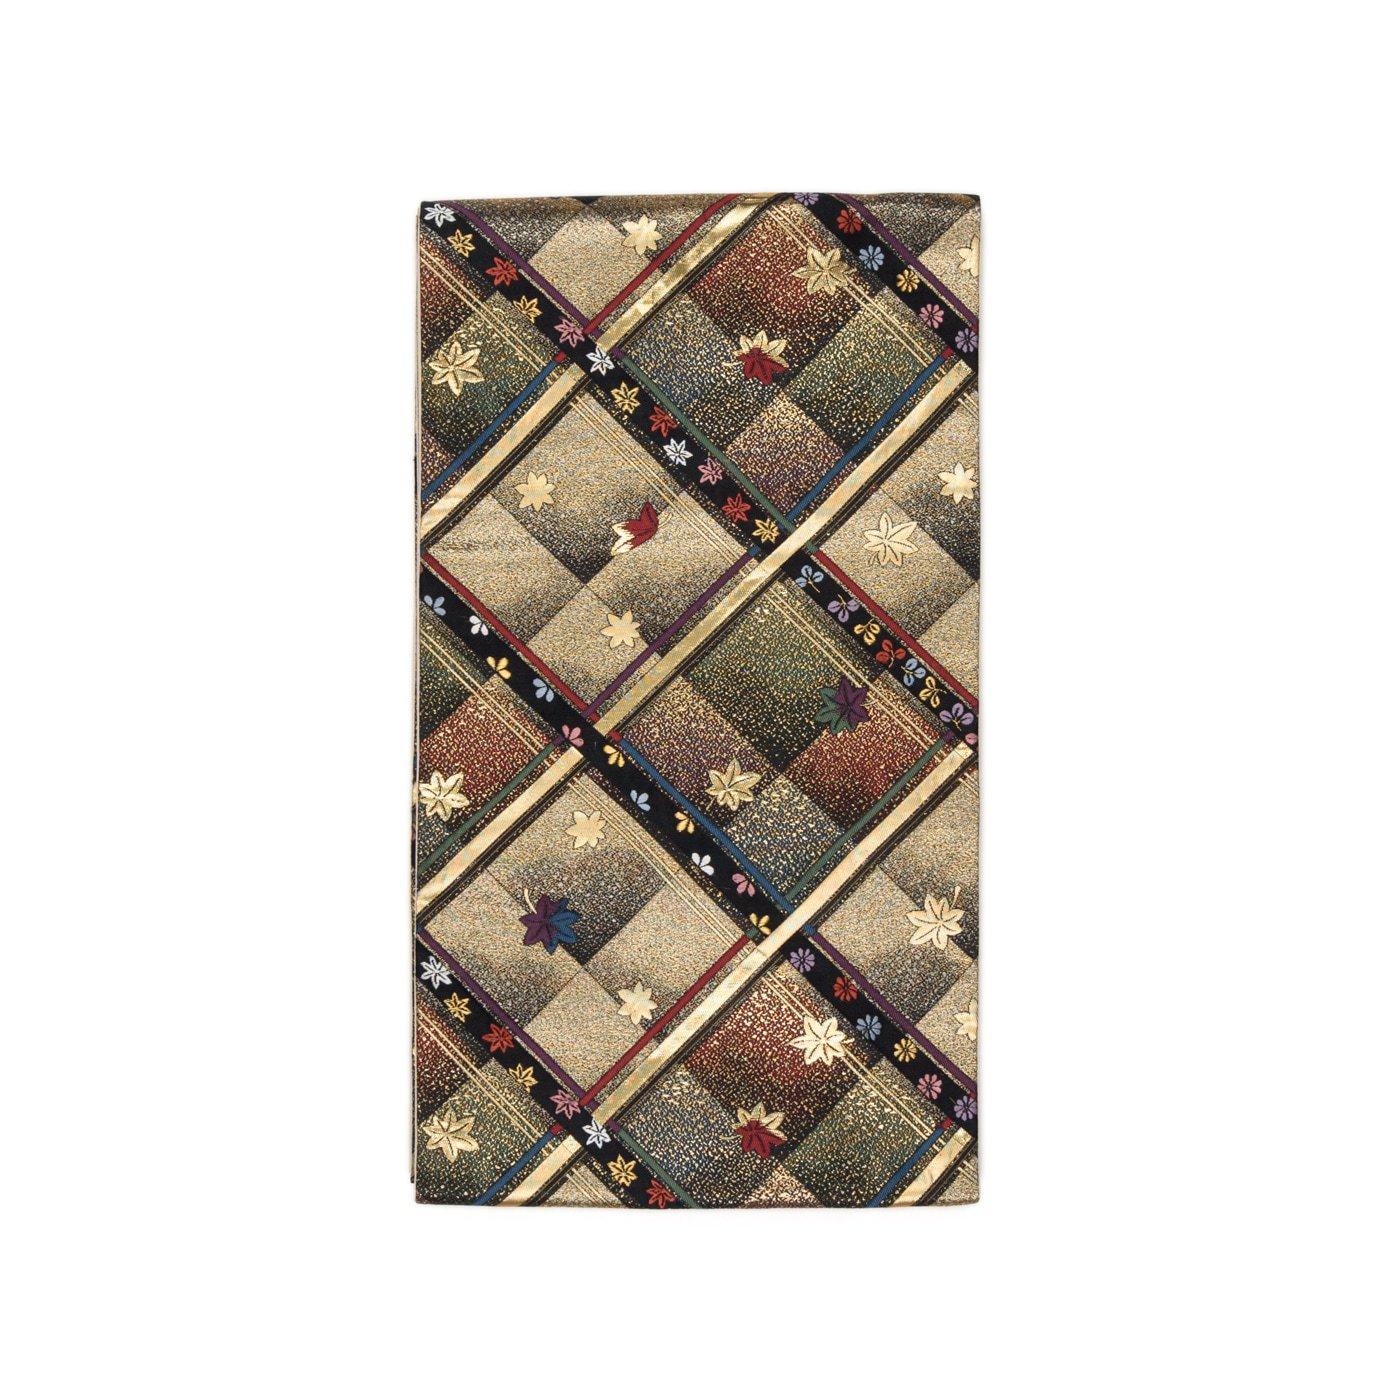 「袋帯●斜め格子と紅葉」の商品画像